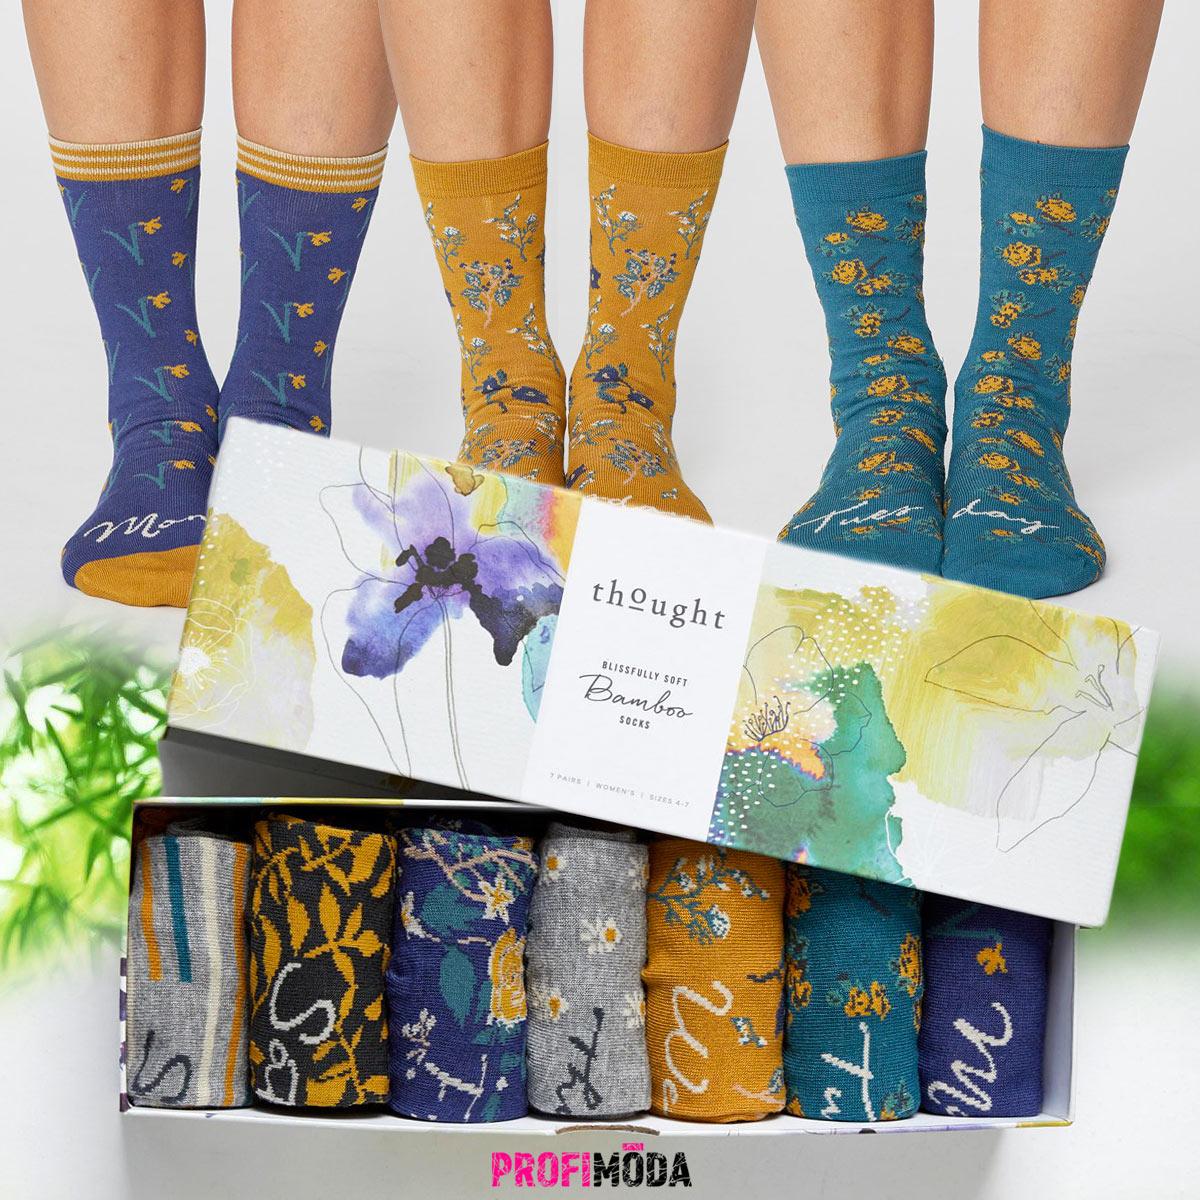 Veselé ponožky z bambusového vlákna jsou vzpruhou pro duši i tělo.